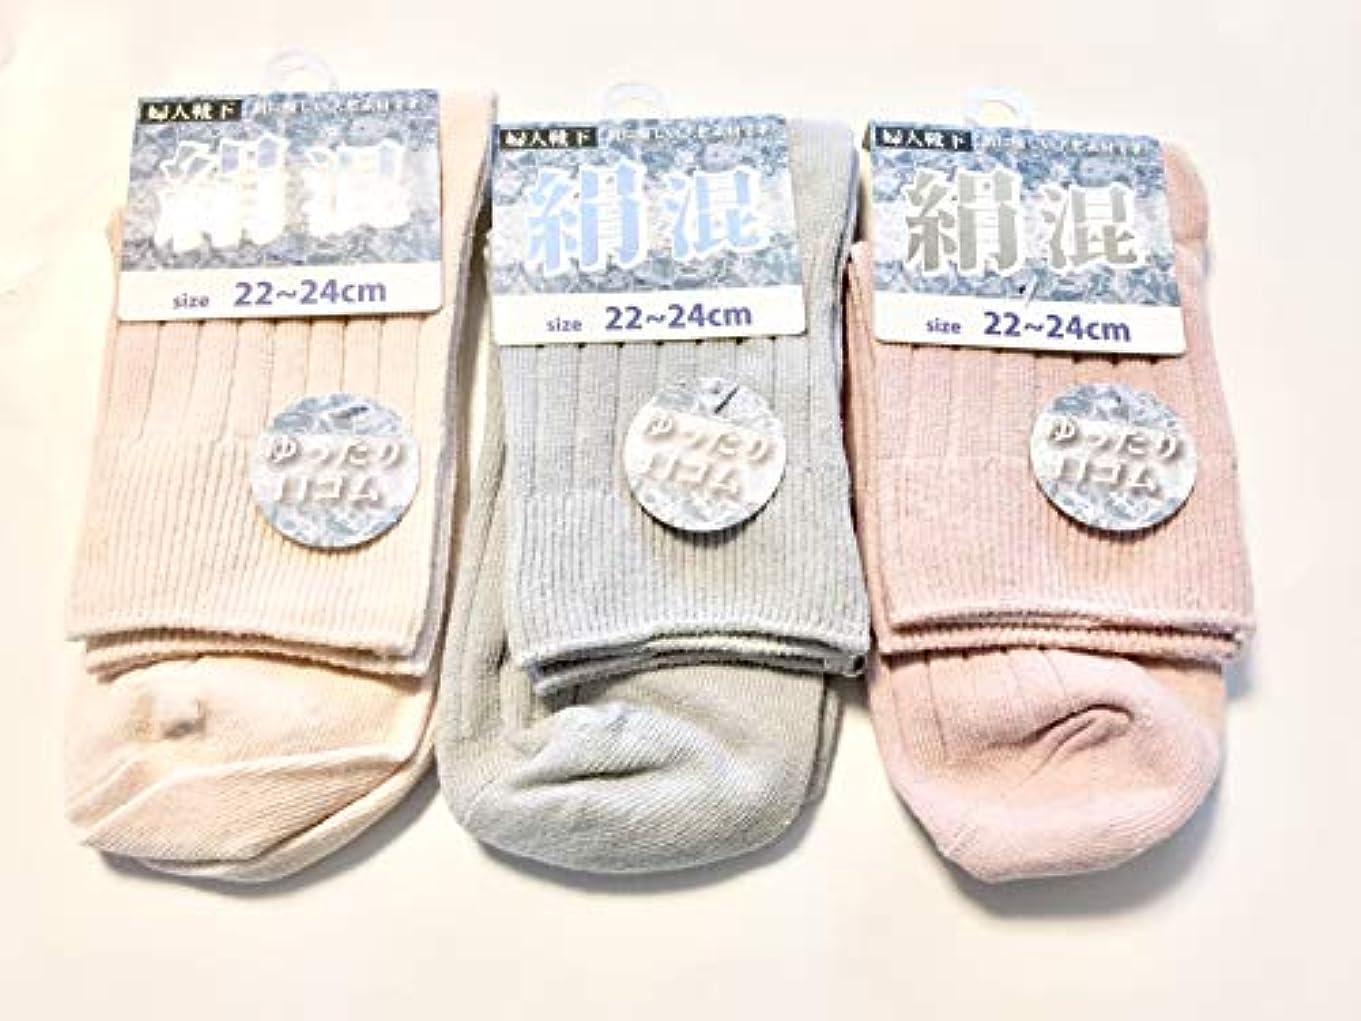 暴動病靴下 レディース シルク混 リンクスソックス 口ゴムゆったり 22-24cm 3足組(色はお任せ)